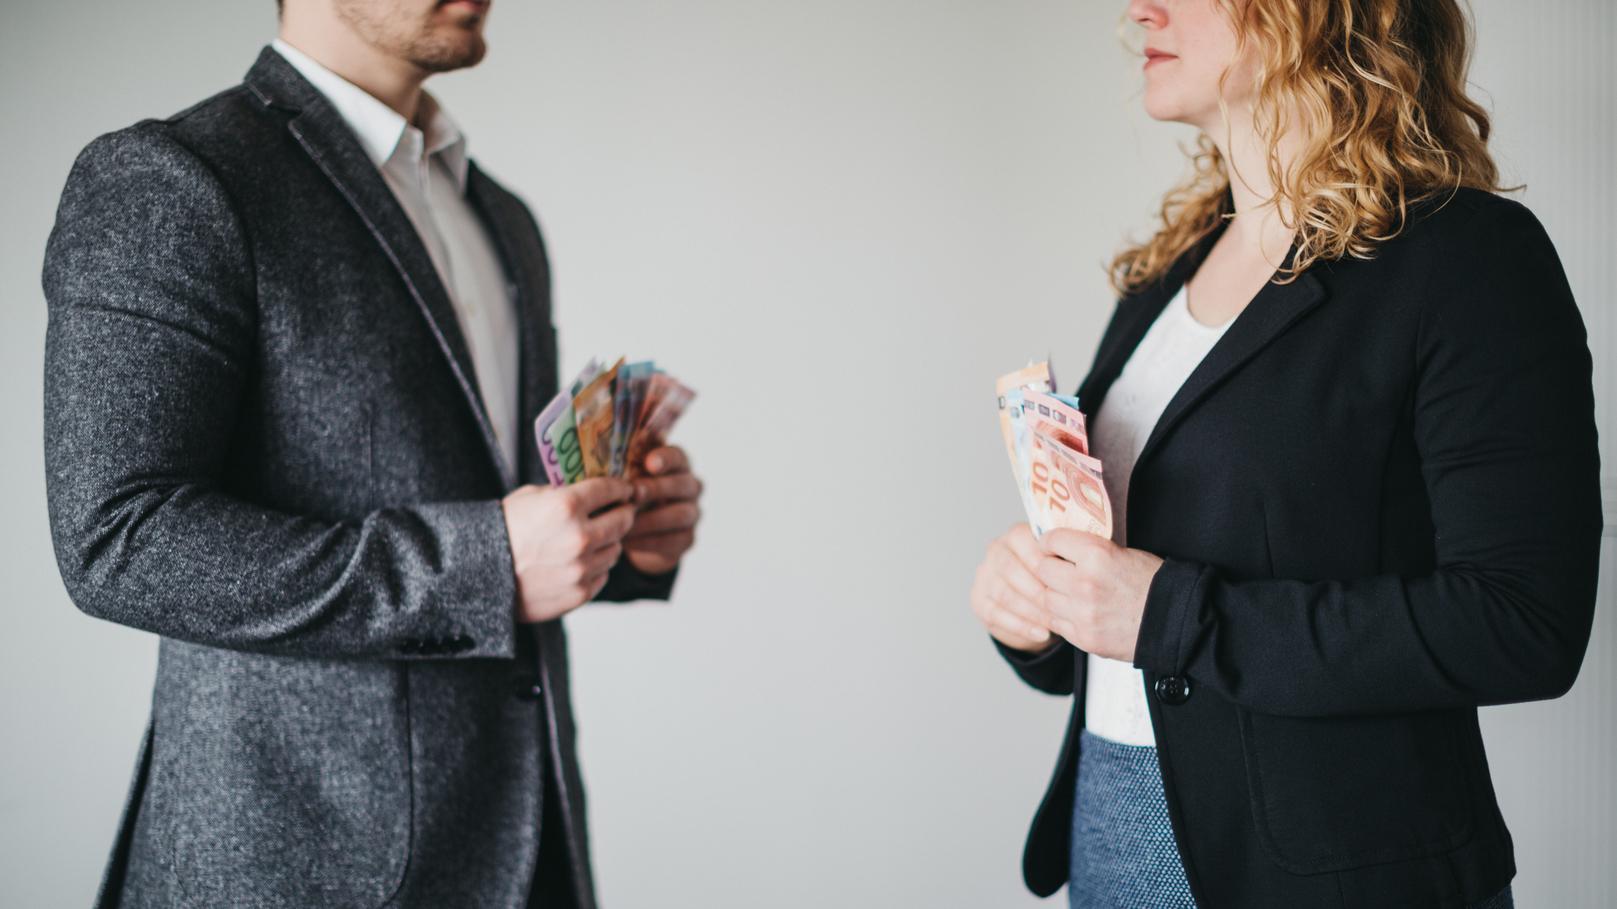 Mann und Frau mit Geldscheinen in der Hand stehen sich gegenüber